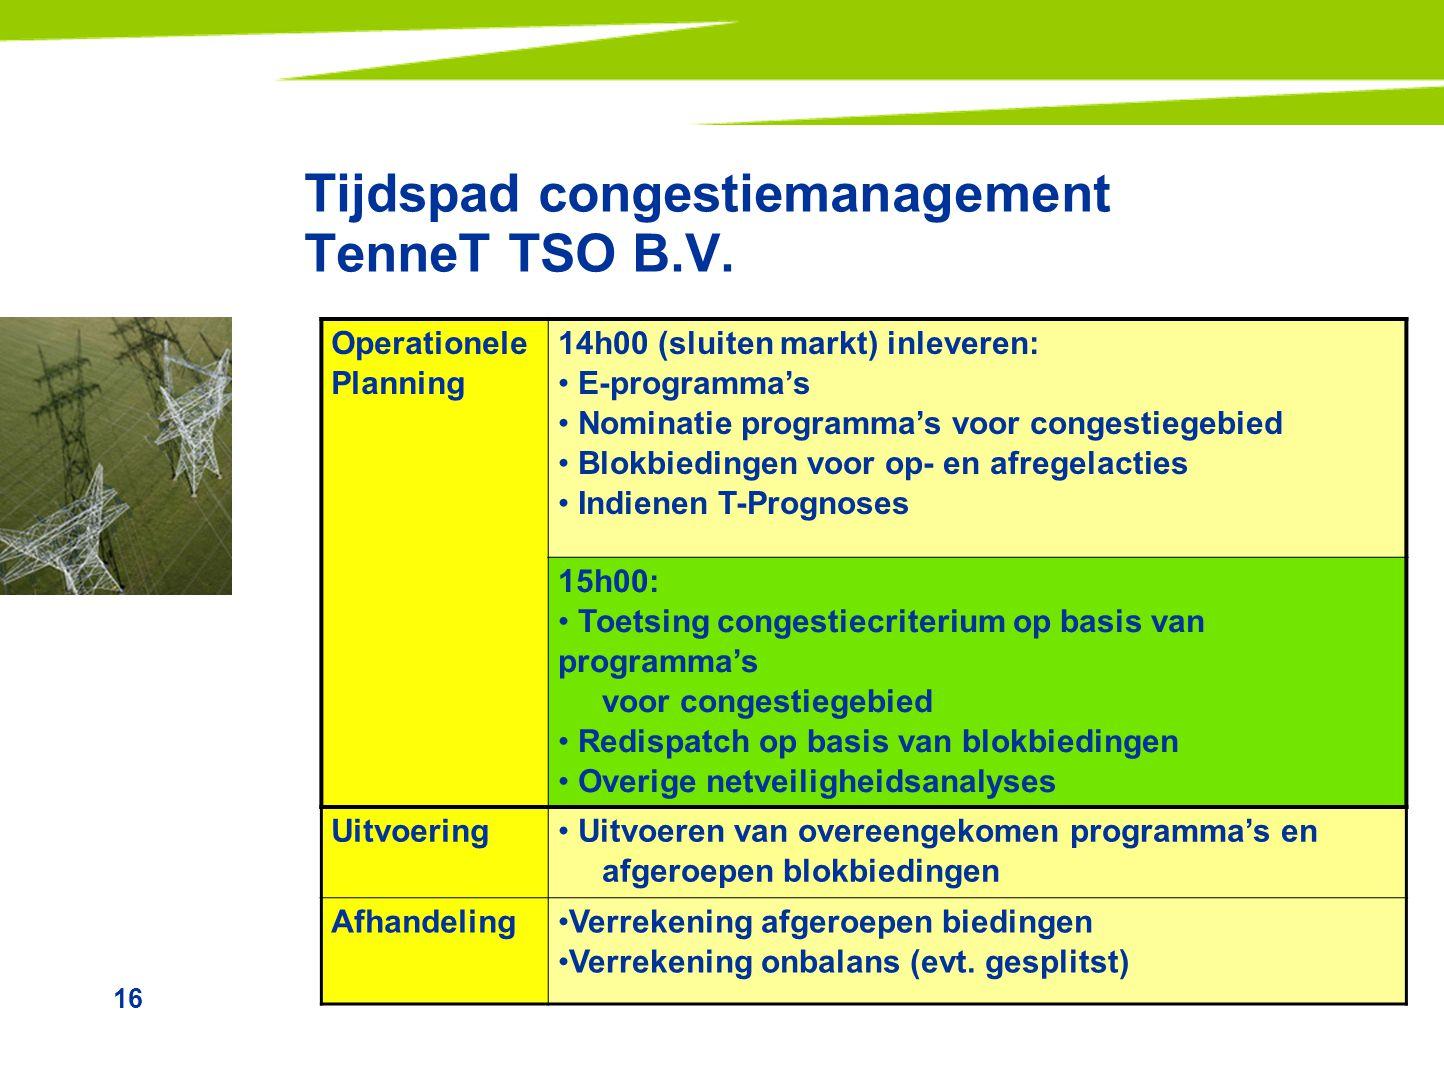 16 Tijdspad congestiemanagement TenneT TSO B.V. Operationele Planning 14h00 (sluiten markt) inleveren: E-programma's Nominatie programma's voor conges